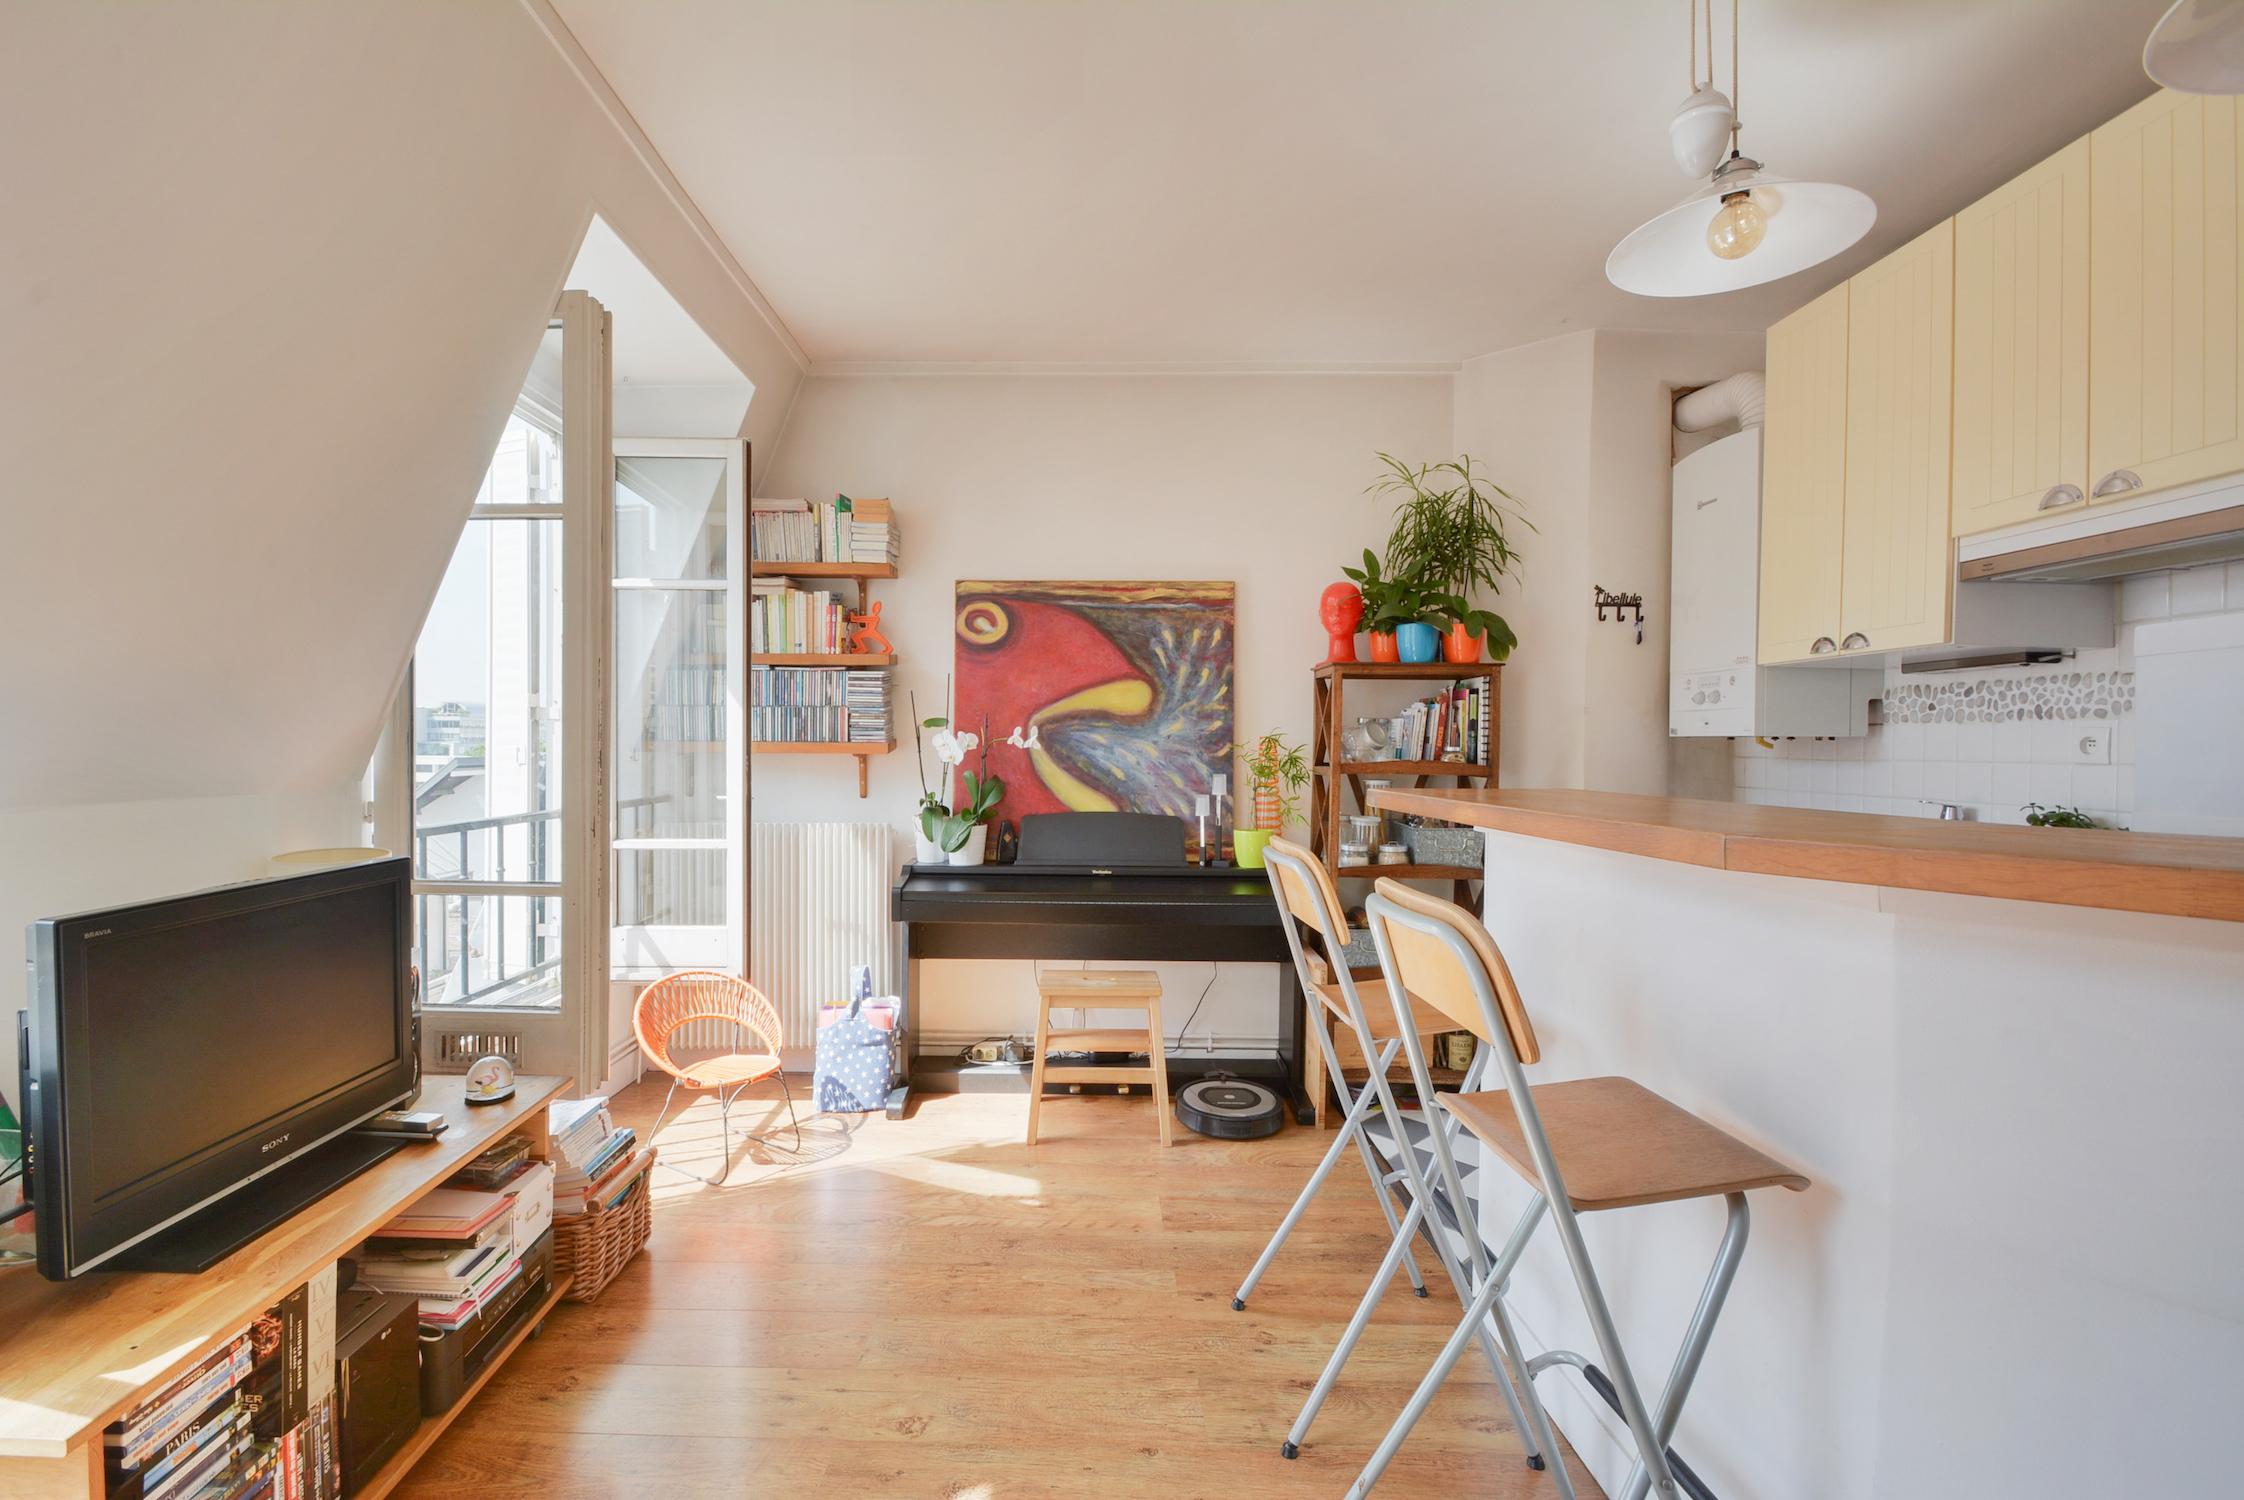 Appartement 3 pièces, 44 m2  (75012) – attention, une pépite peut en cacher une autre !